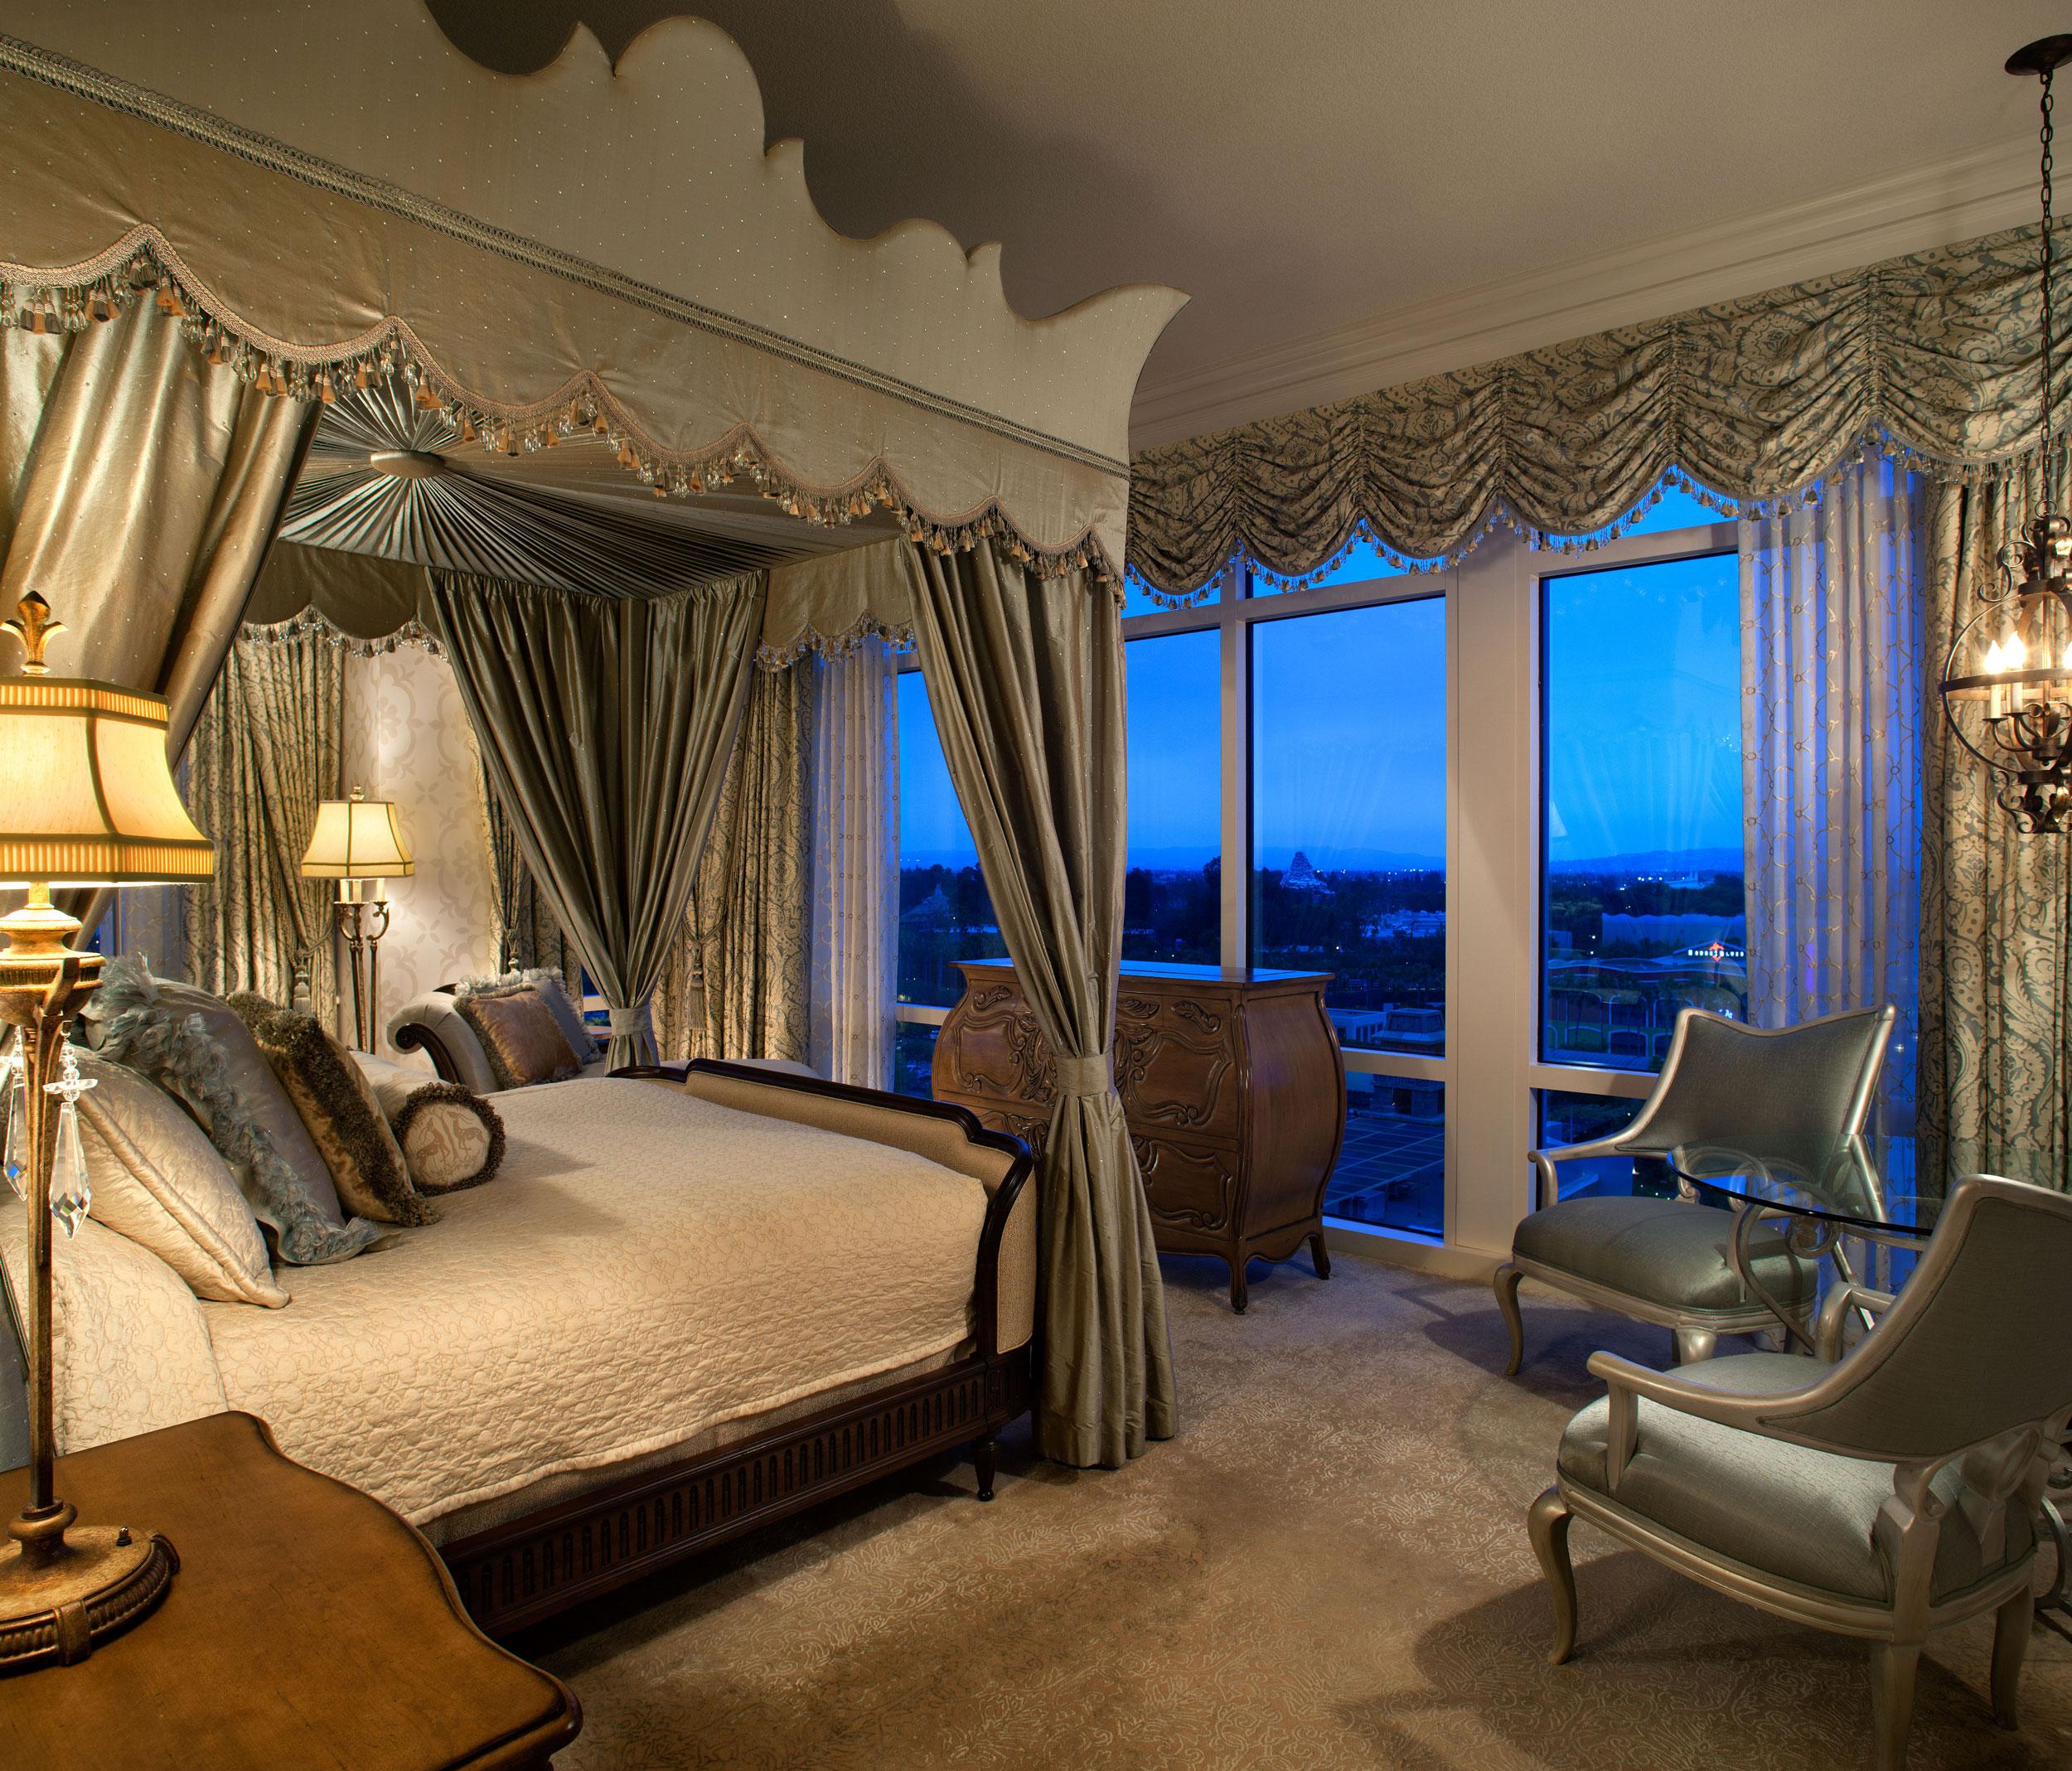 DLH-Fairytale_Bedroom.jpg